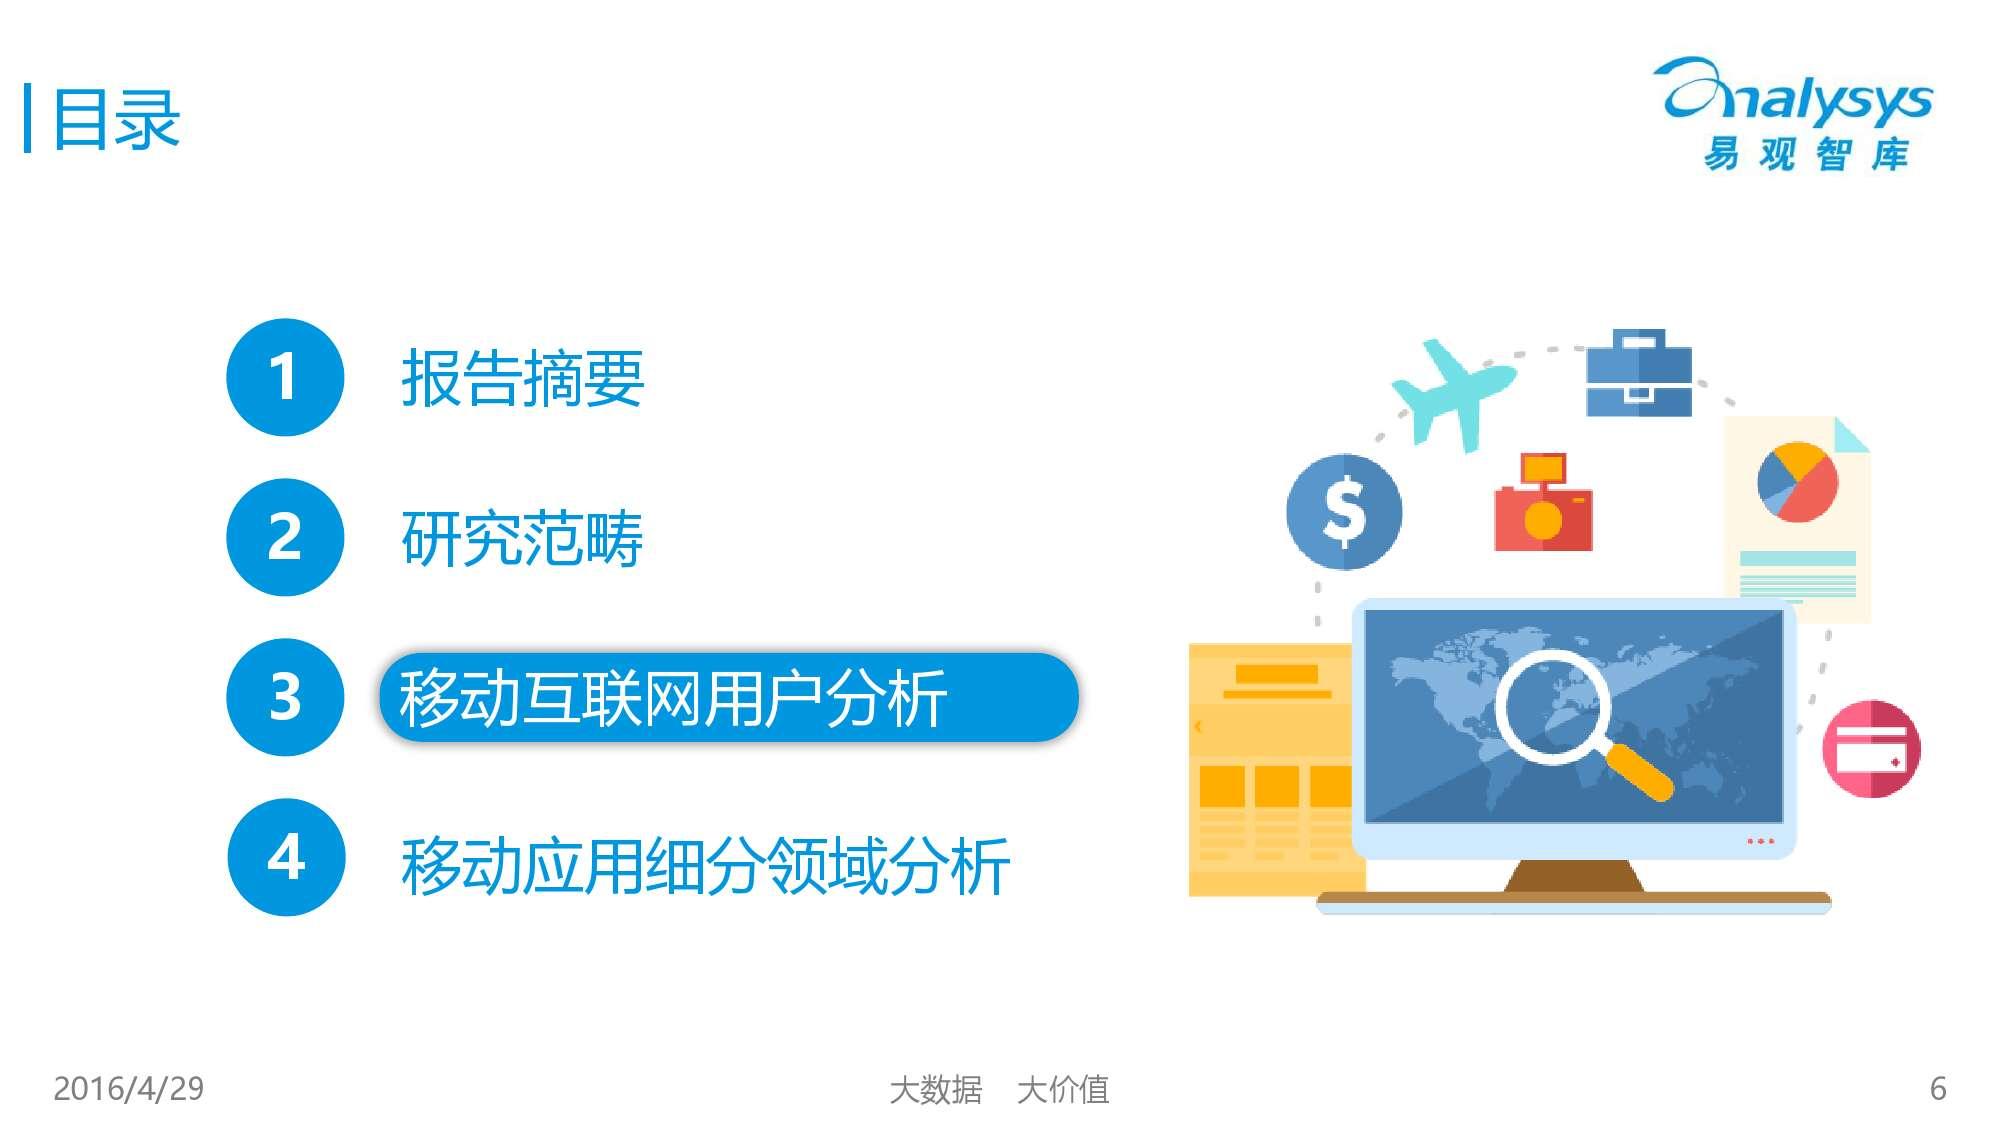 中国移动互联网用户行为统计报告2016_000006